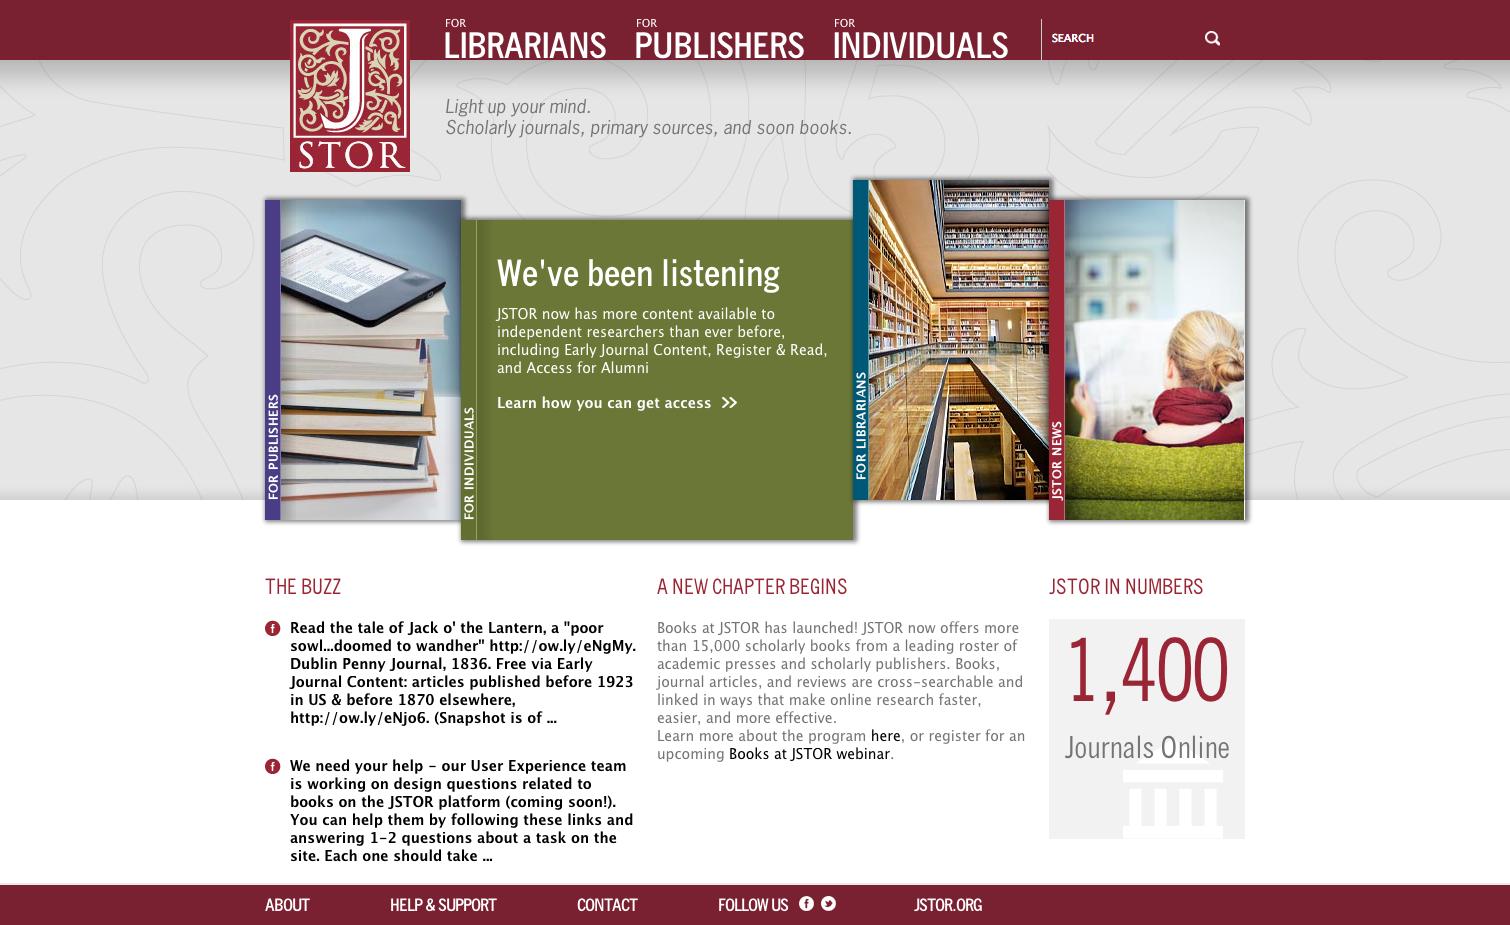 Project image 1 for Website, JSTOR